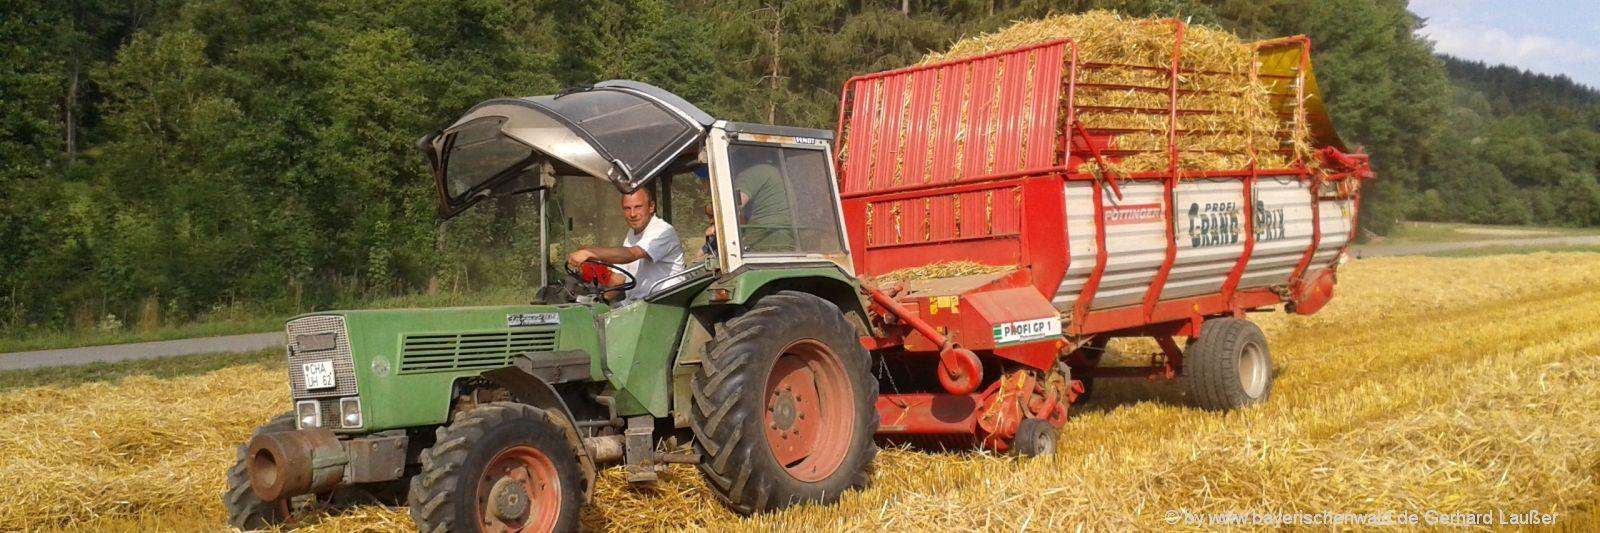 Erlebnisurlaub für Kinder am Bauernhof